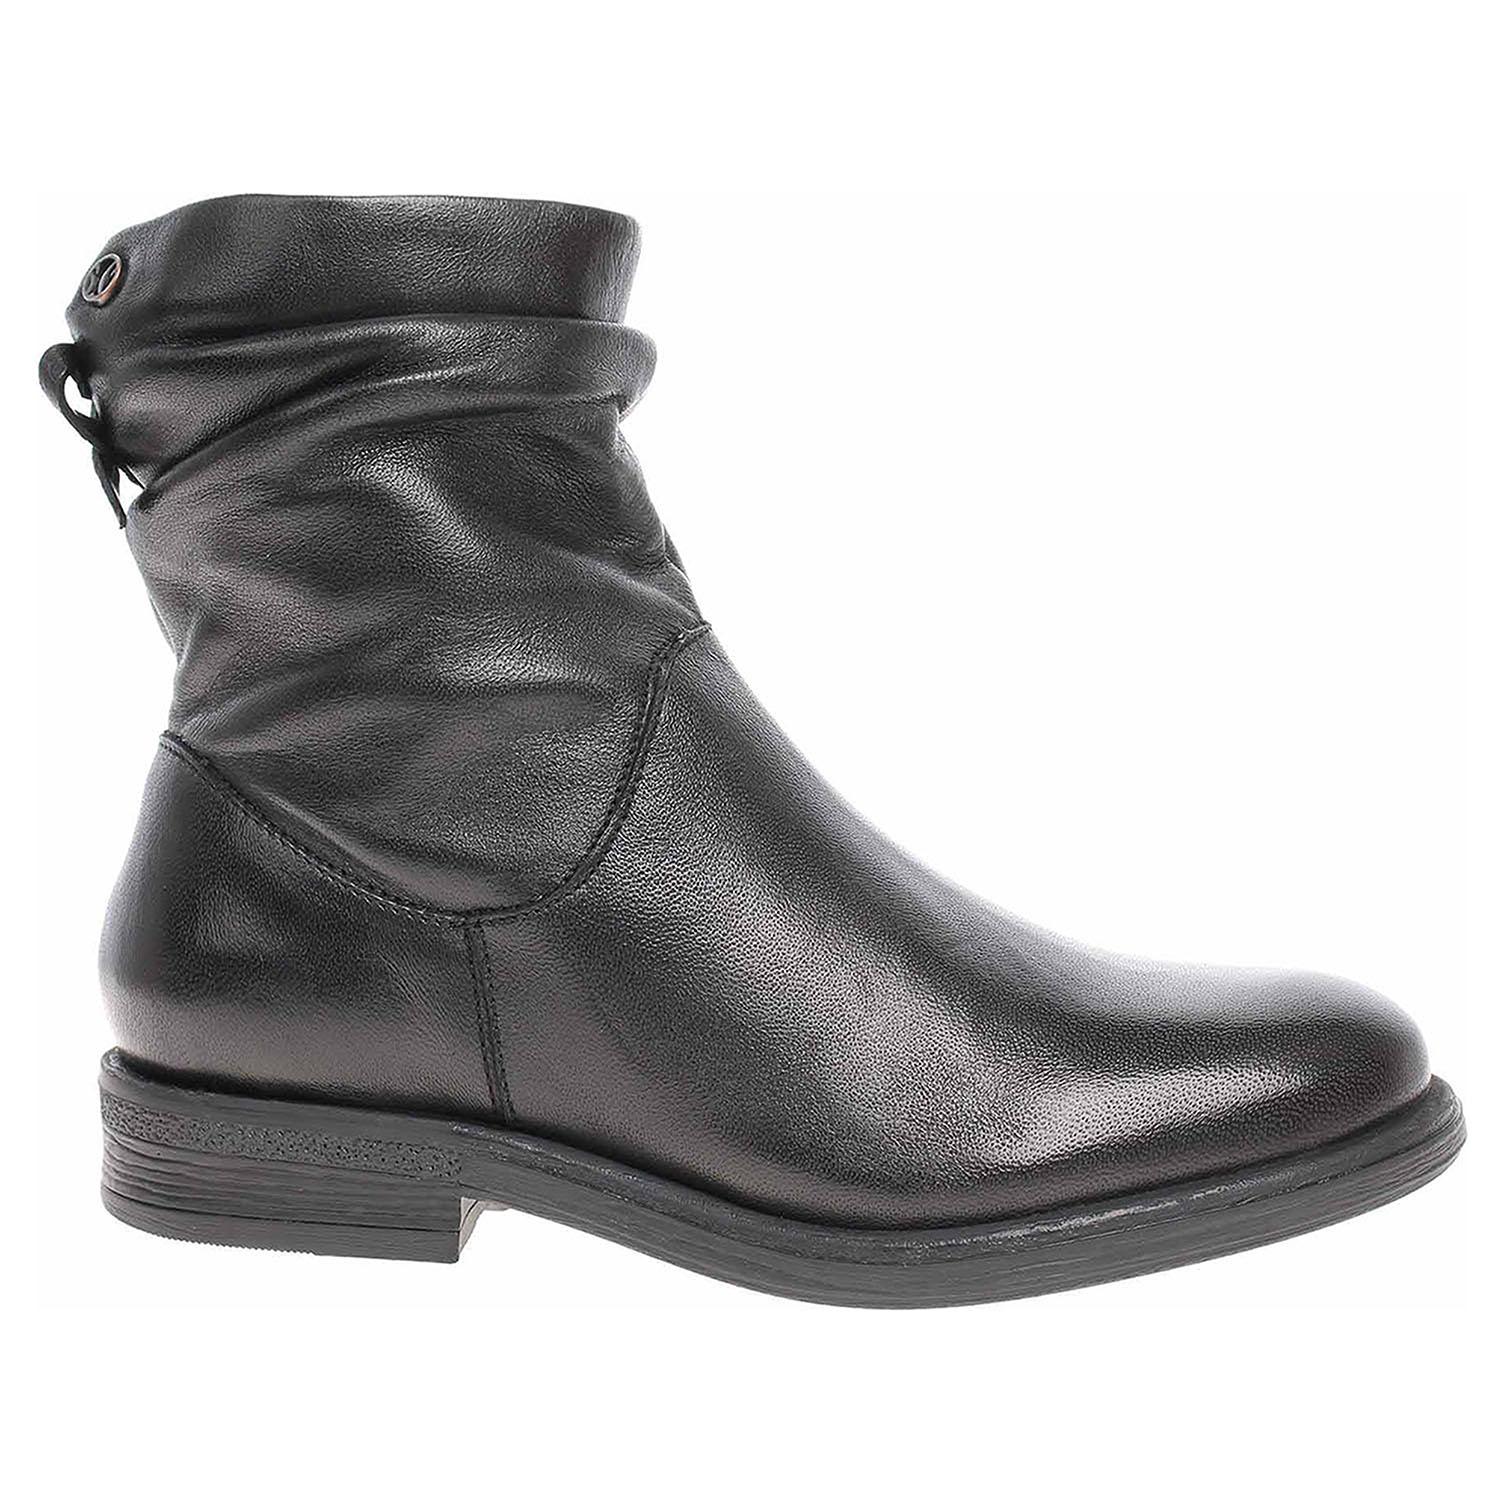 s.Oliver dámská zimní obuv 5-25357-25 black 5-5-25357-25 001 38